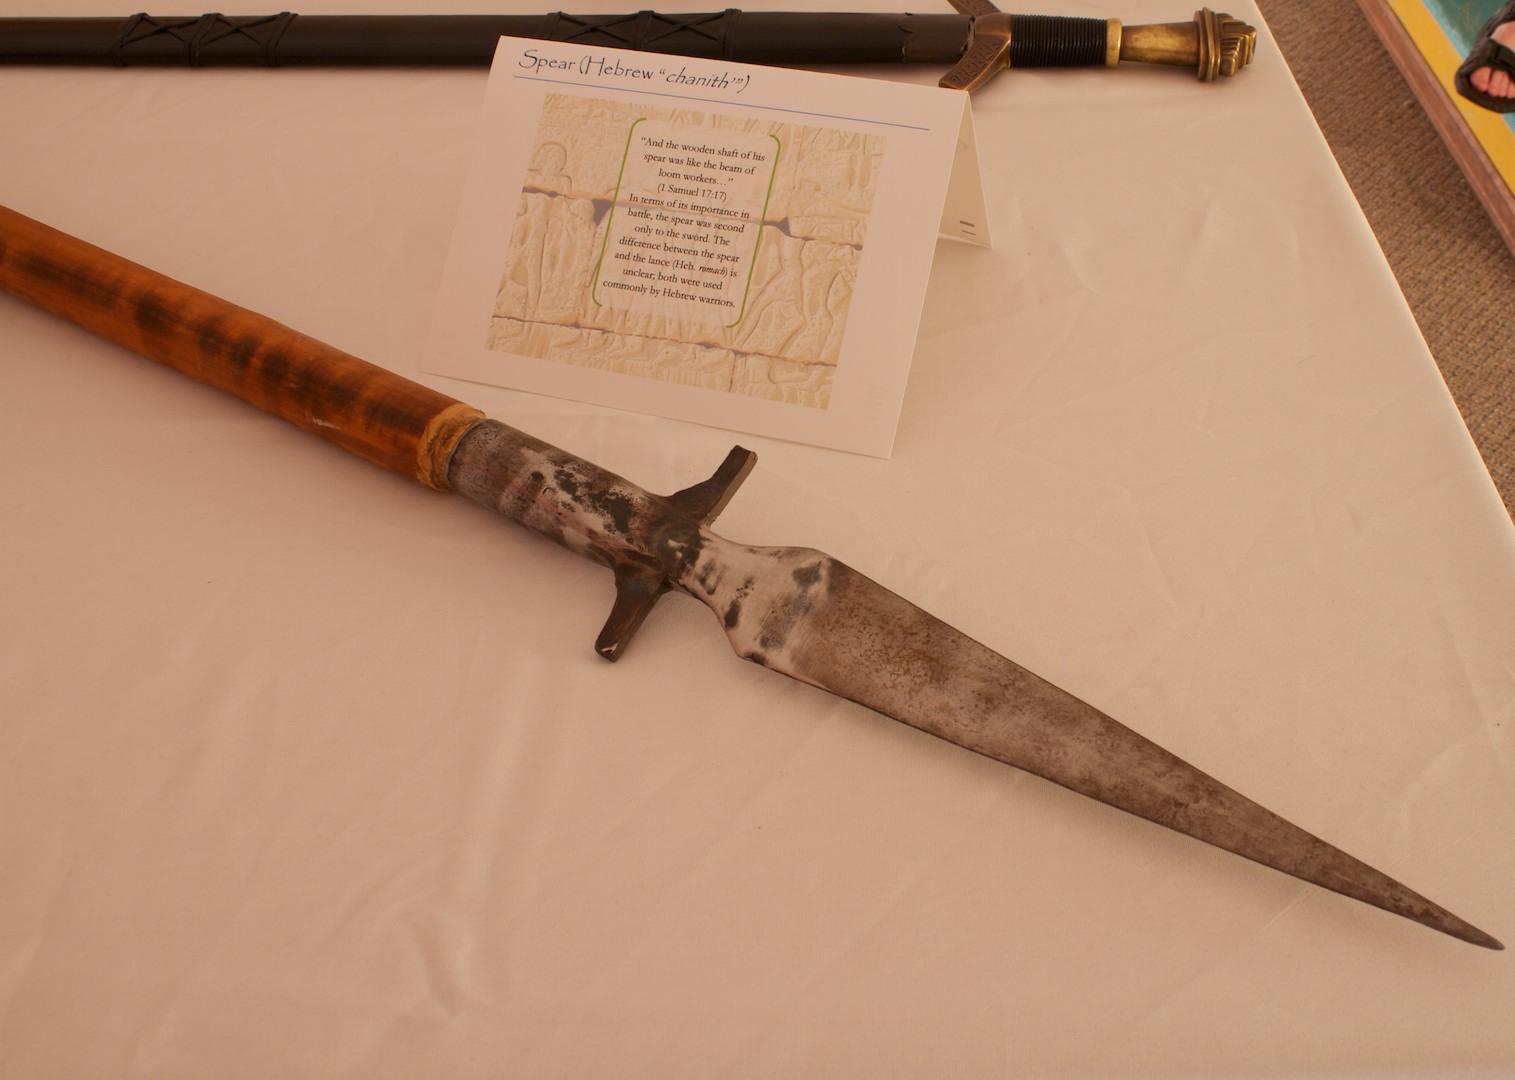 上图:古代以色列人的铁枪。扫罗的枪可能就是类似的样式。